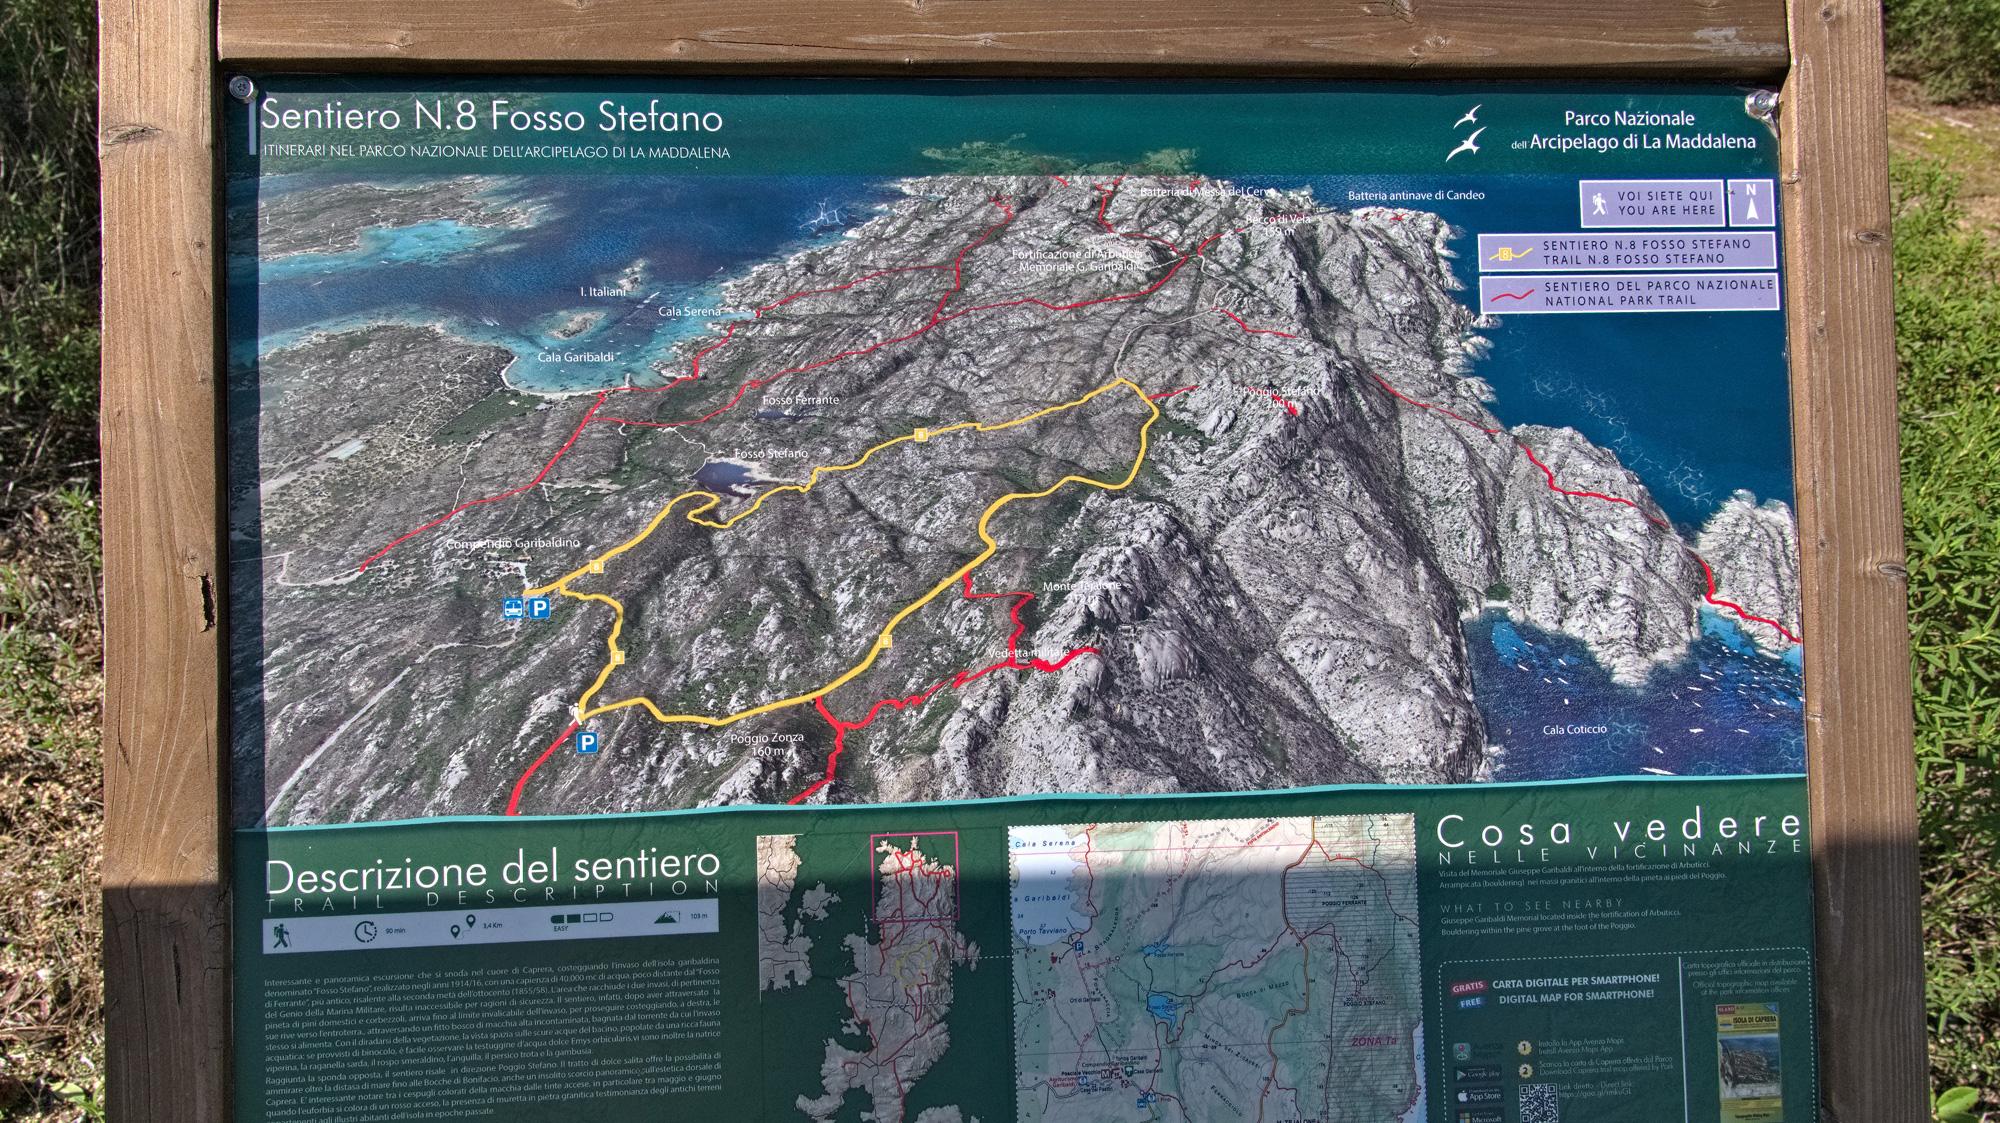 Caprera ist von diversen Wanderwegen durchzogen